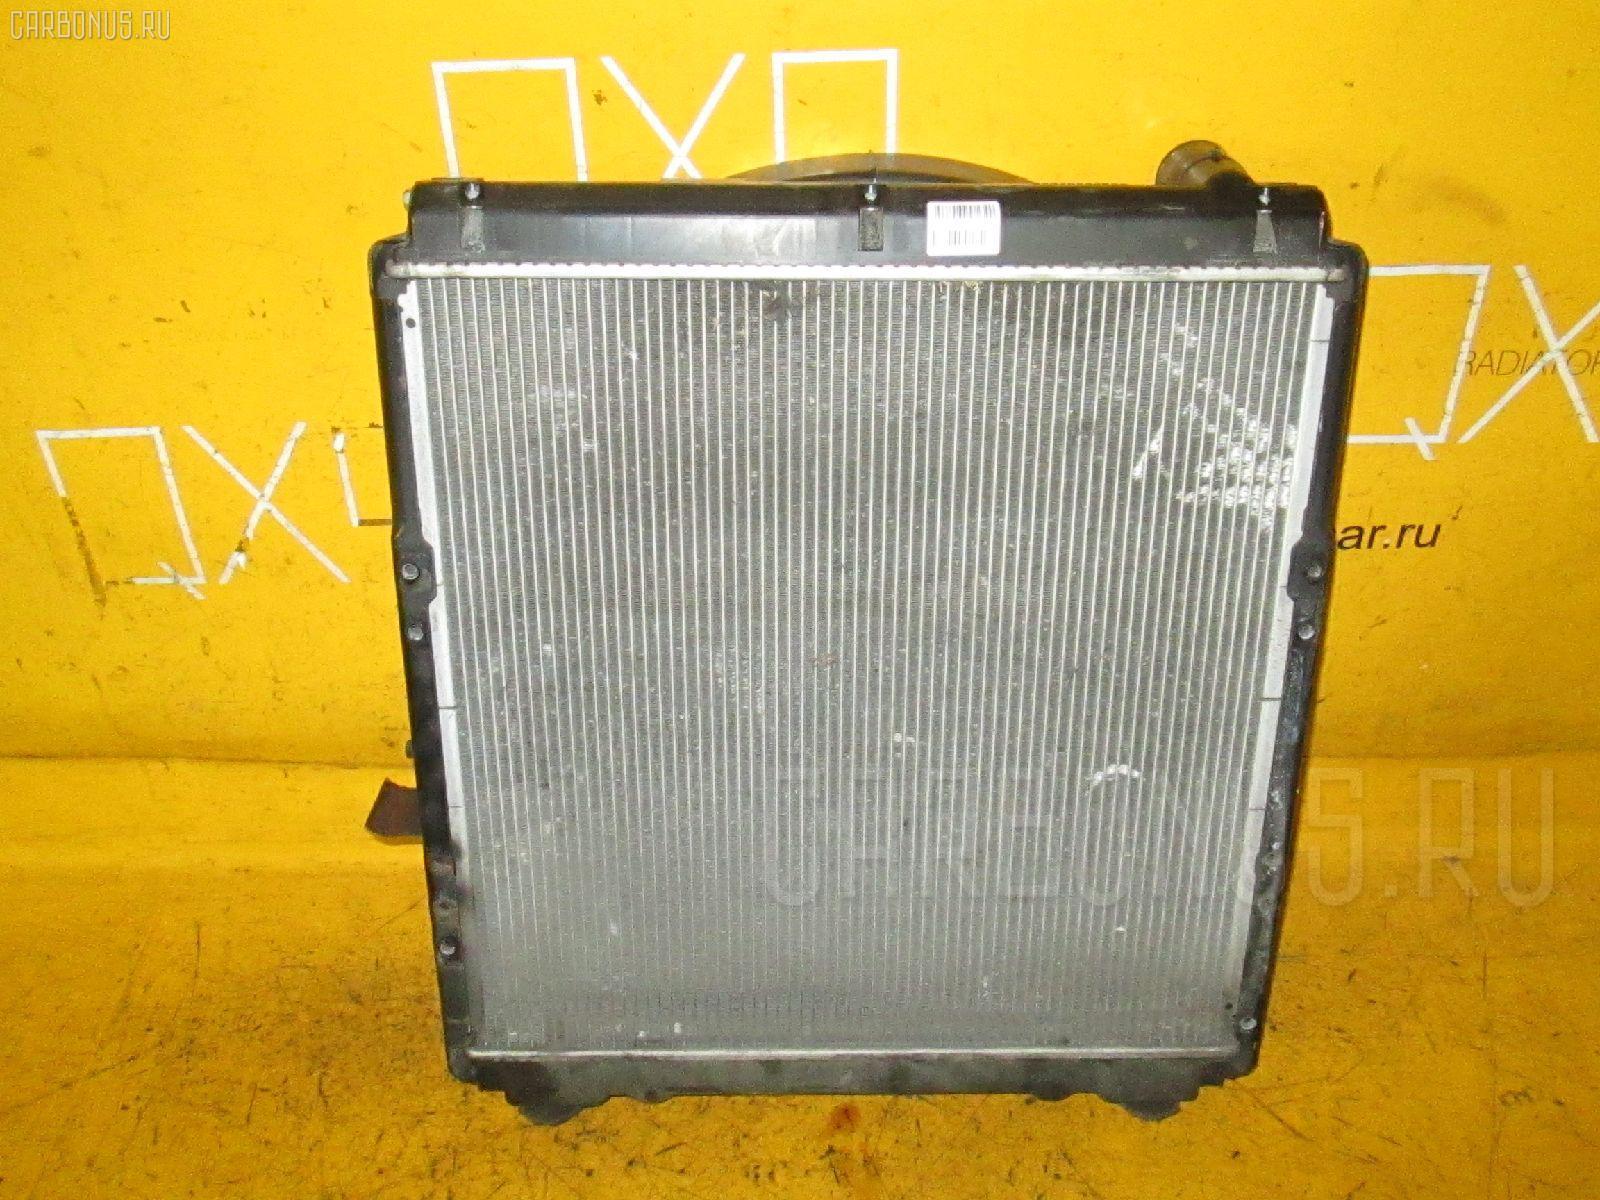 Радиатор ДВС MITSUBISHI CANTER FE83 4M50 Фото 1